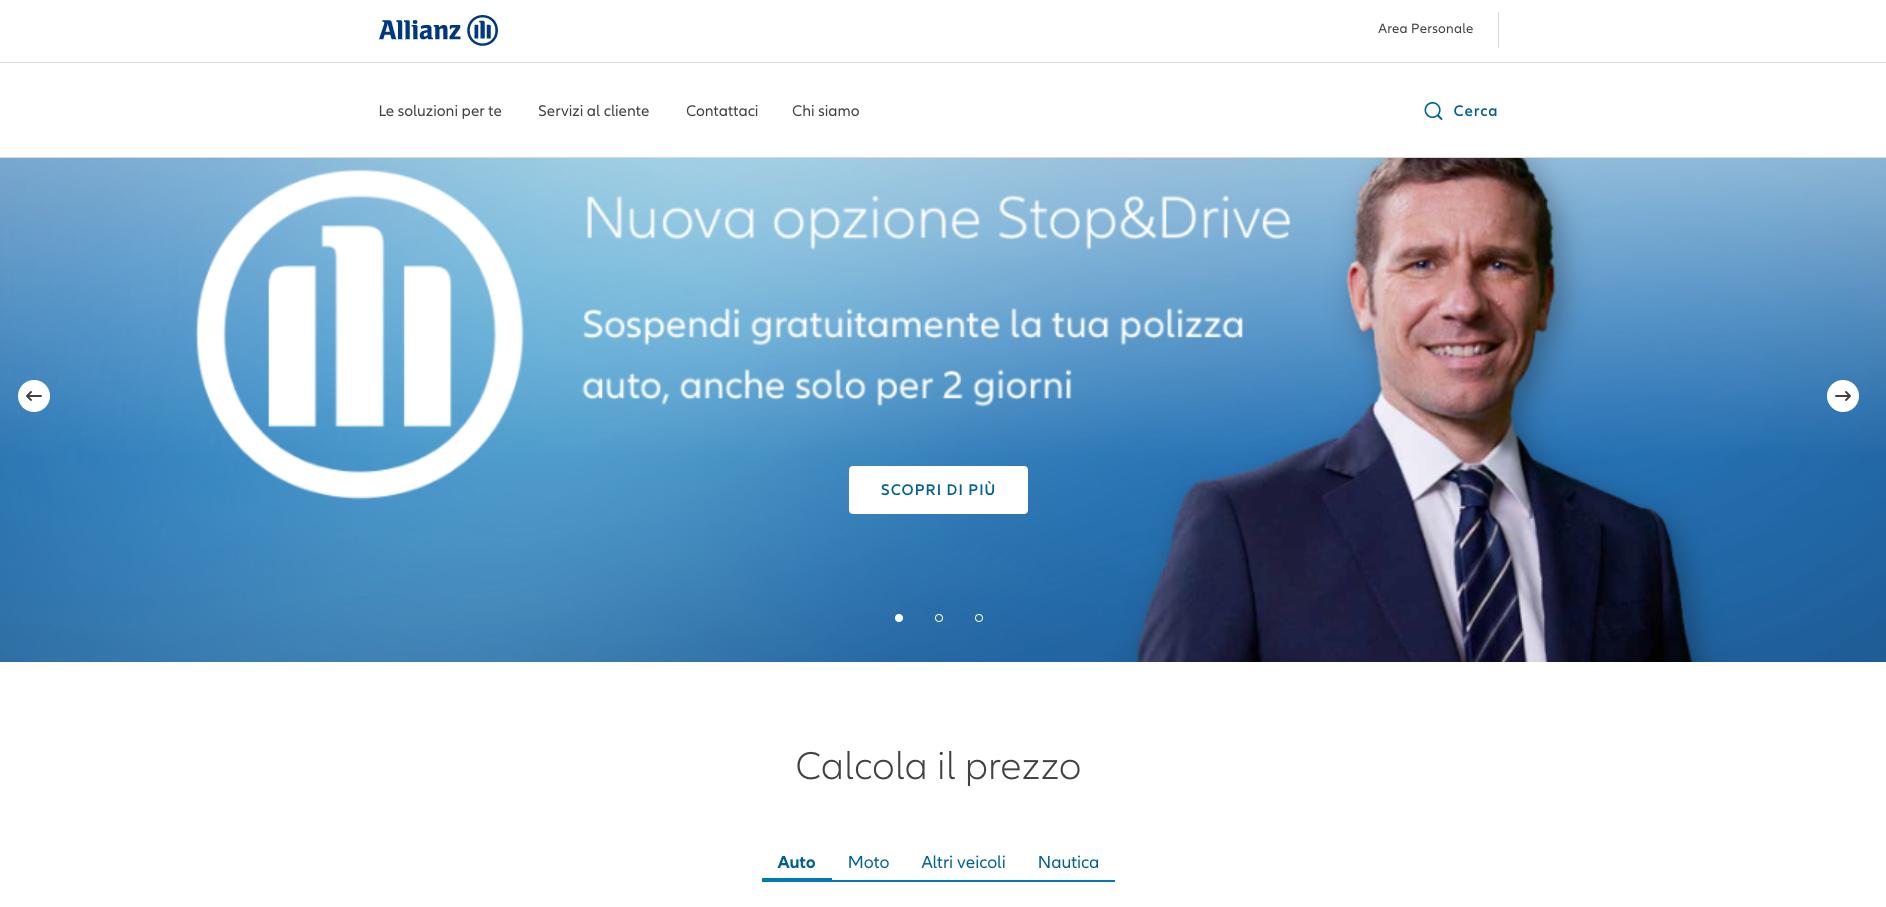 Allianz Assicurazione online